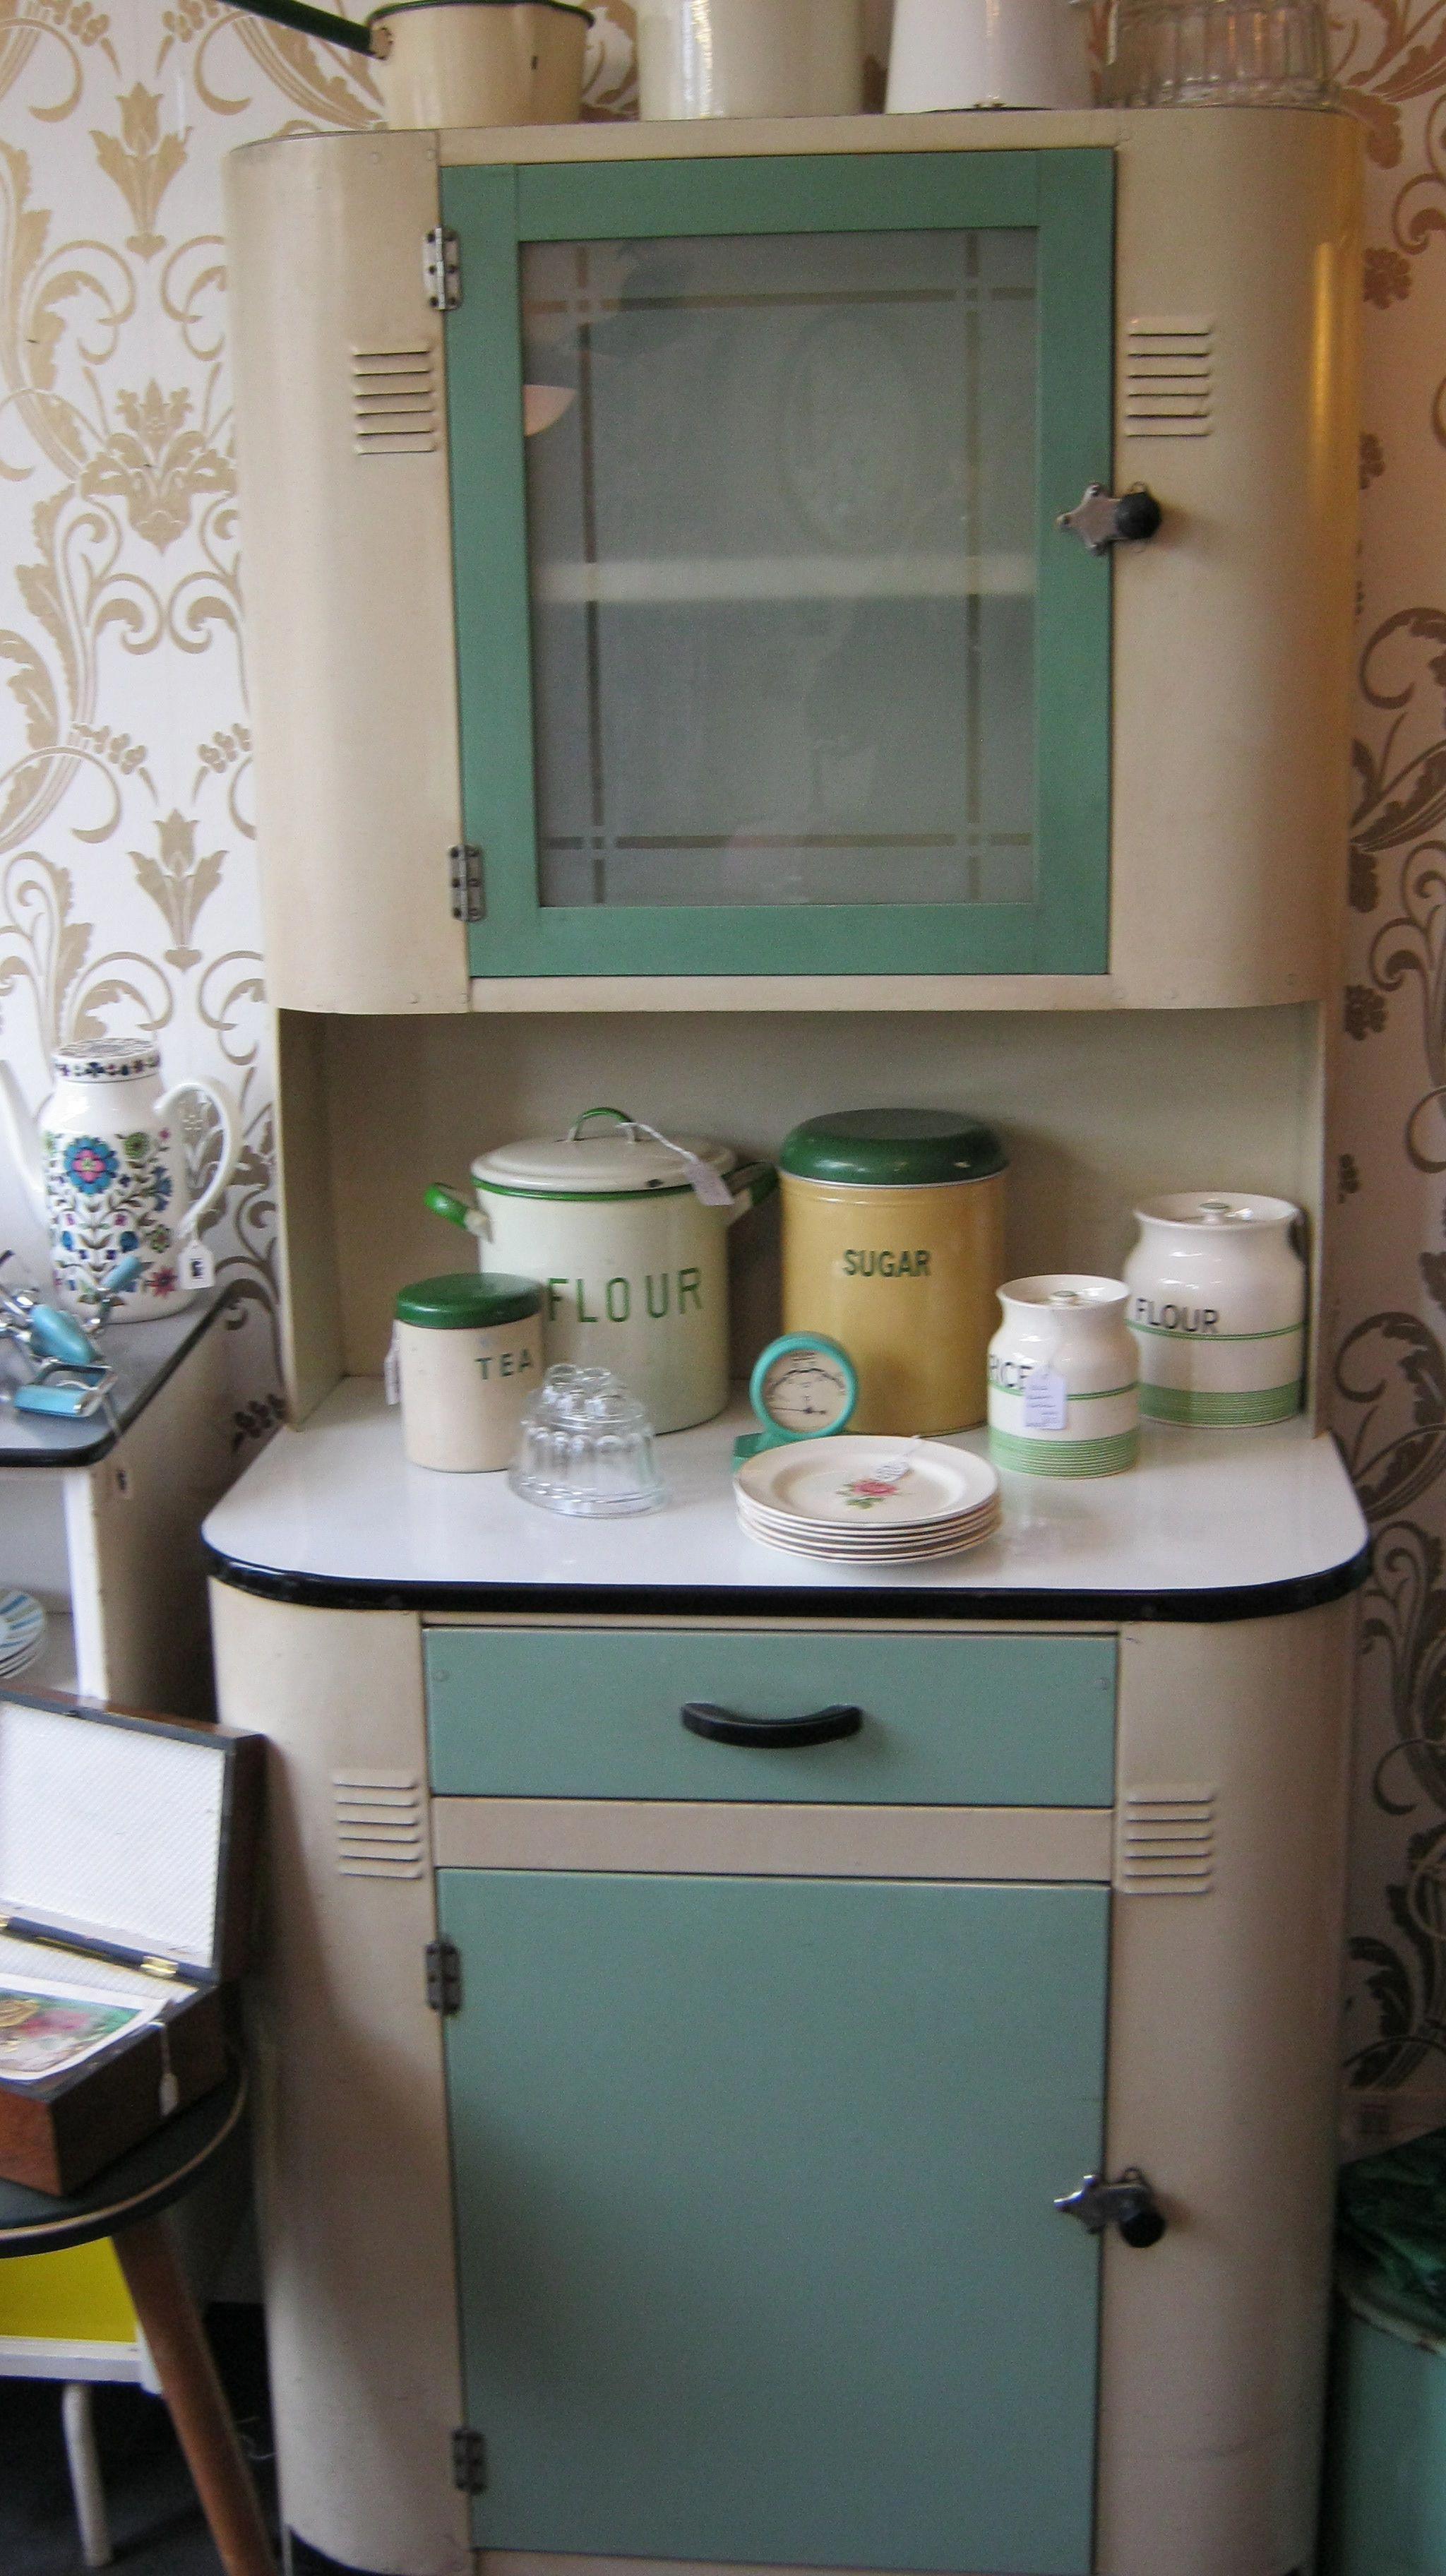 1940 S Deco Kitchen Cabinet Inspires Drool Greatgatsby Gatsby Roaring Twenties Artdeco Deco 1920s Decor Muebles De Cocina Muebles Diseno De Cocina